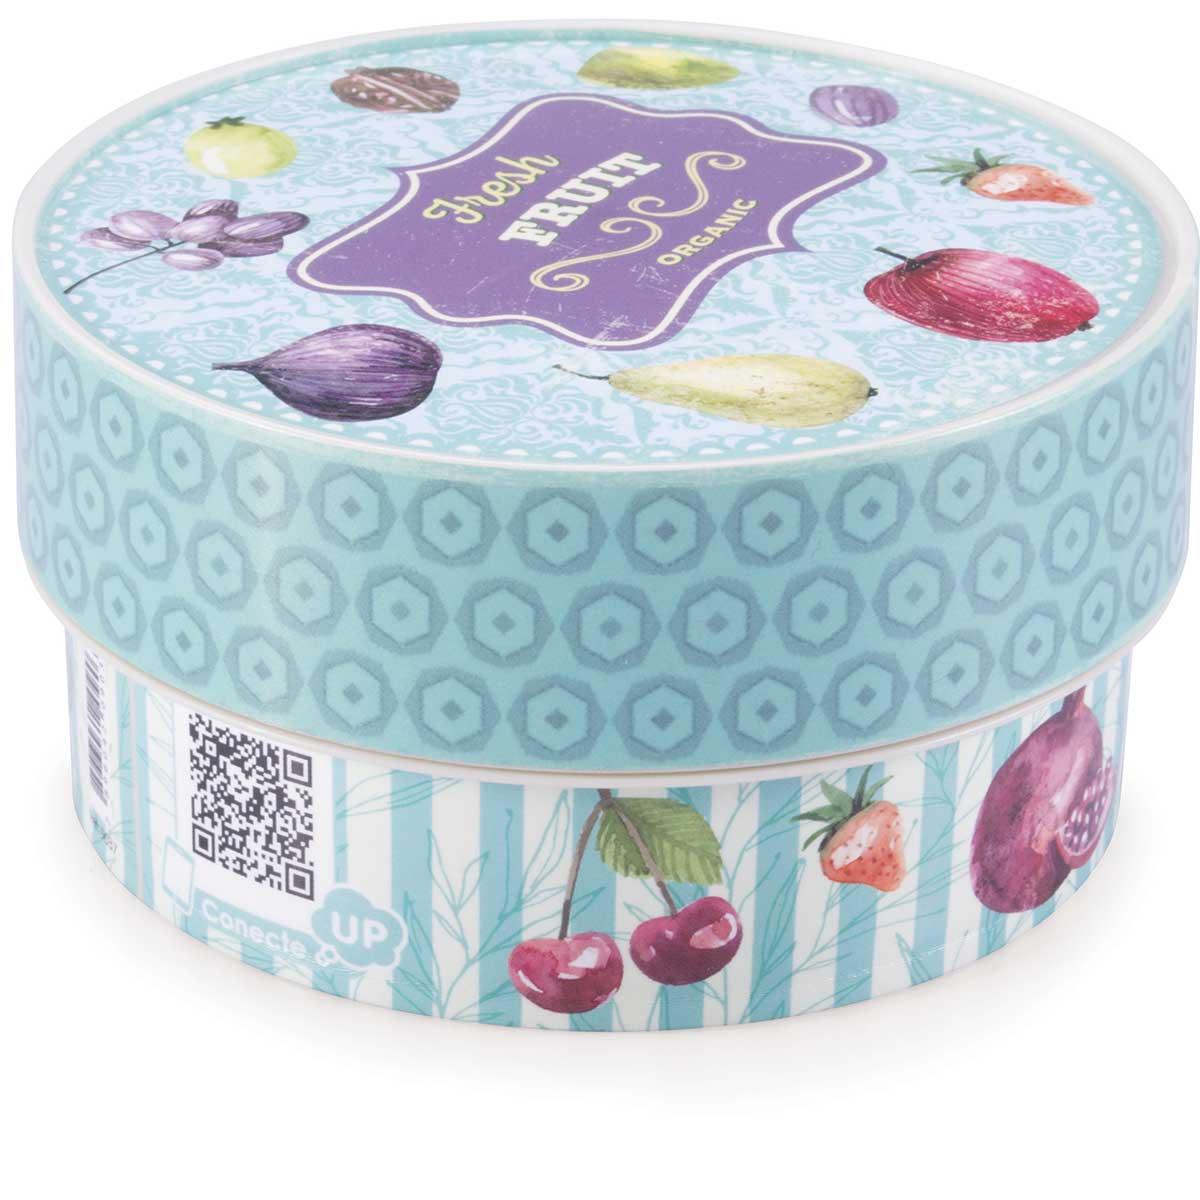 Caixa Decorada Cozinha Retrô Fresh Fruit 420ml